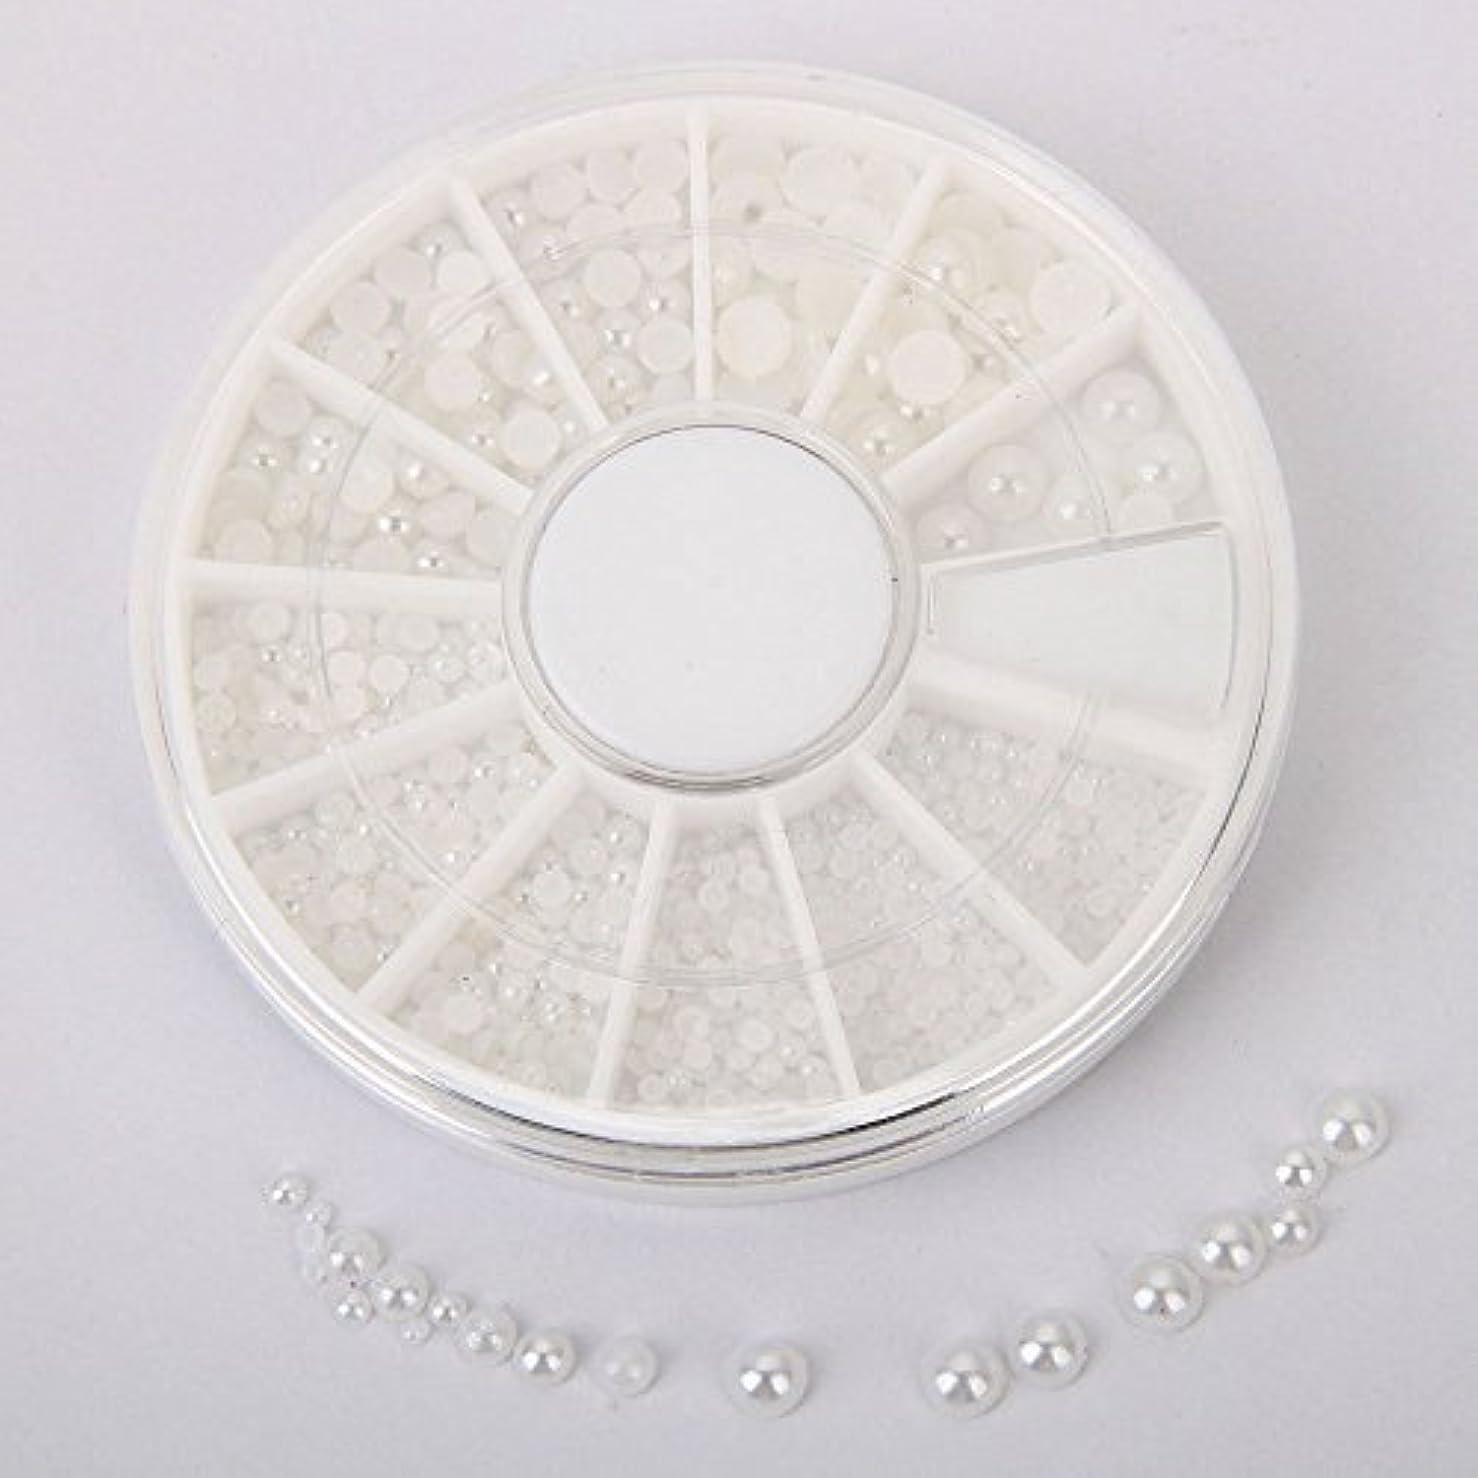 哲学者企業ロバシンディー ネイルアートパーツ 半円パール(ホワイト) マニキュアデコ用パール 1.5mm,2mm,3mm,4mm ラウンドケース入 3Dデコレーション(01)